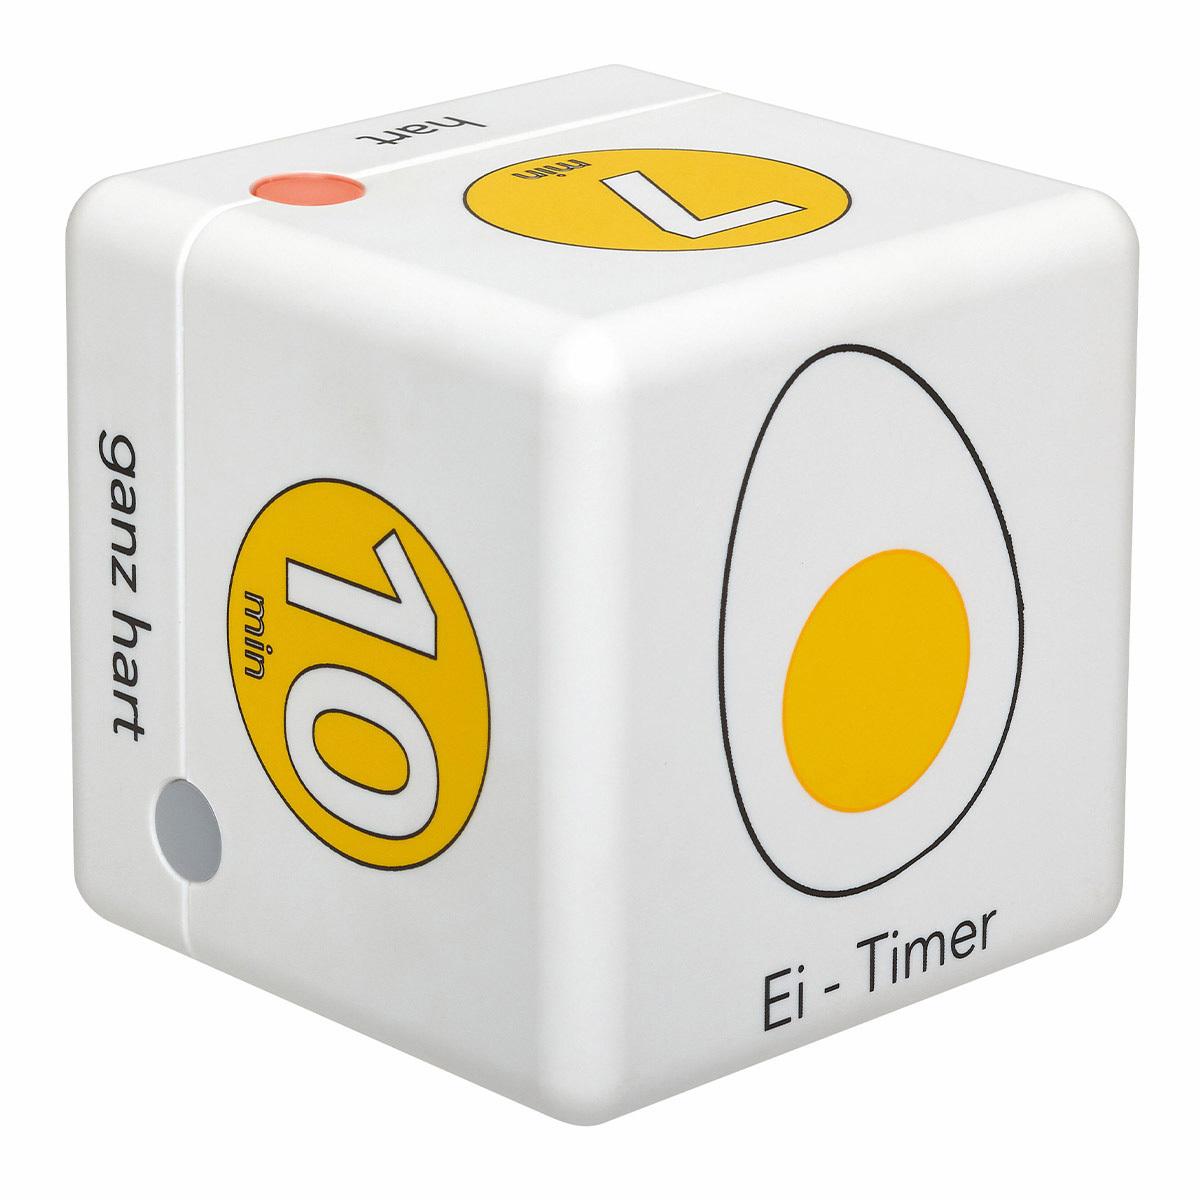 38-2041-07-digitaler-eier-timer-cube-timer-ansicht-1200x1200px.jpg